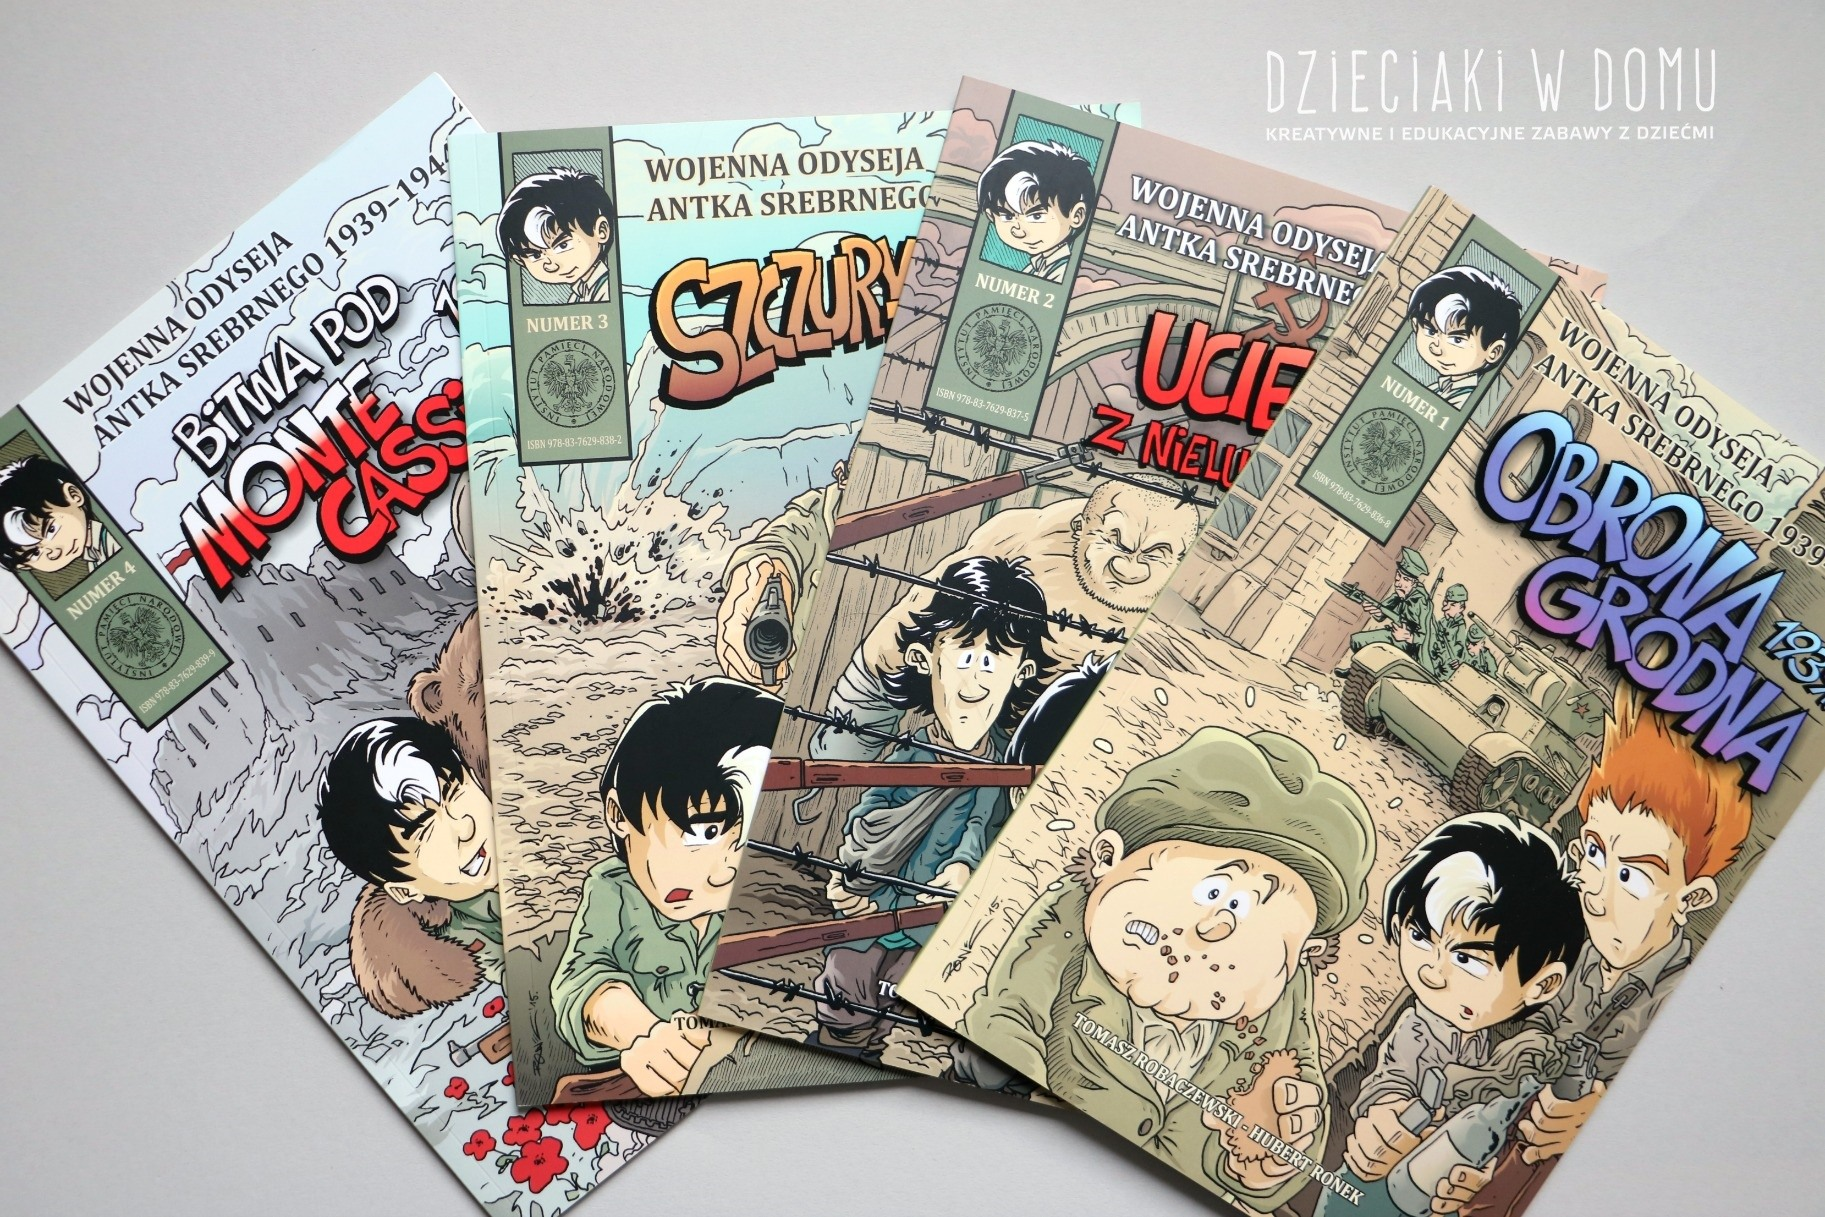 wojenna odyseja - komiks